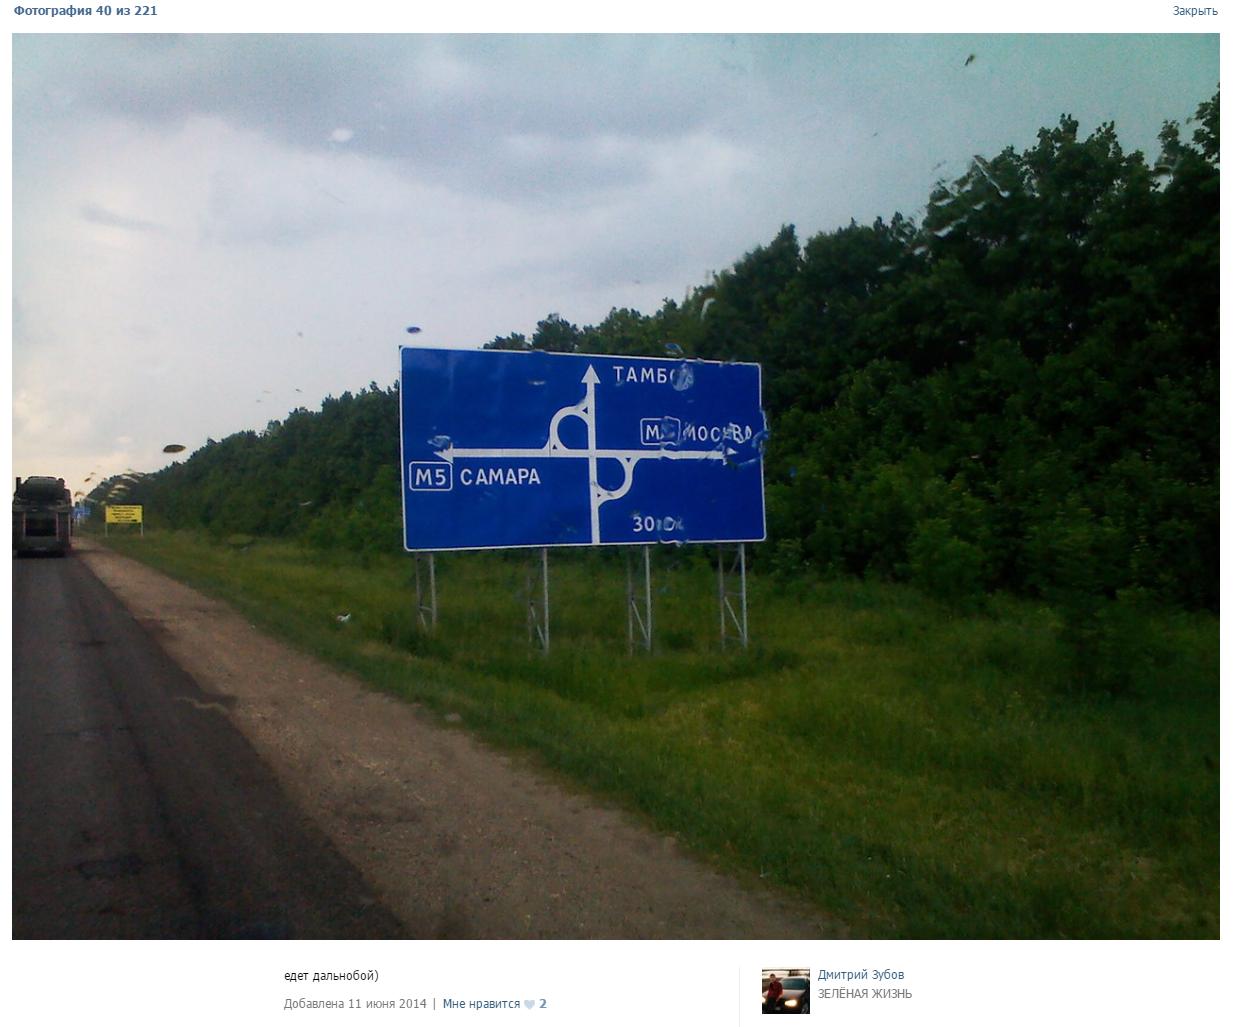 Украинские воины не покинут Широкино, пока террористы не прекратят обстрелы, - спикер АТО - Цензор.НЕТ 5588